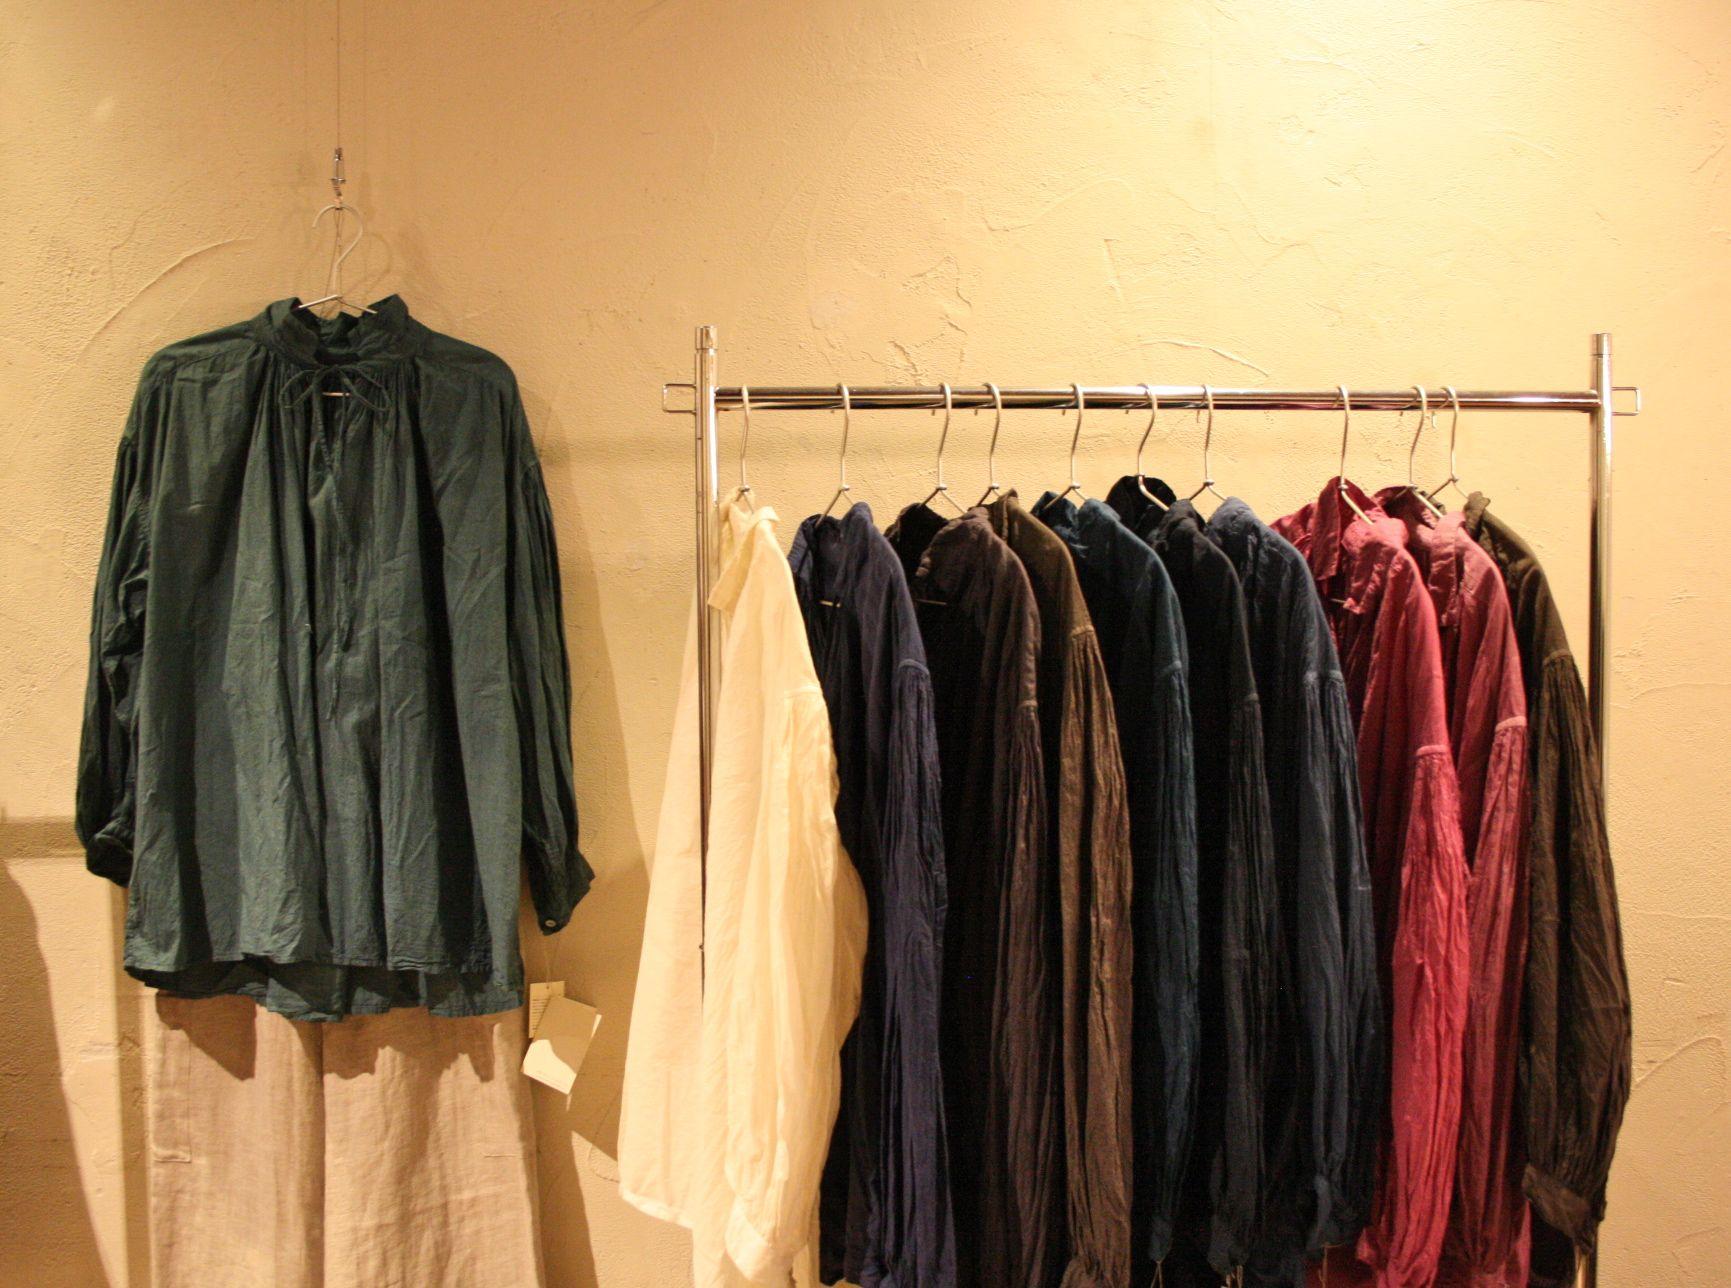 ハコギャラリー展示風景 草木染めブラウス natural dye cotton blouse